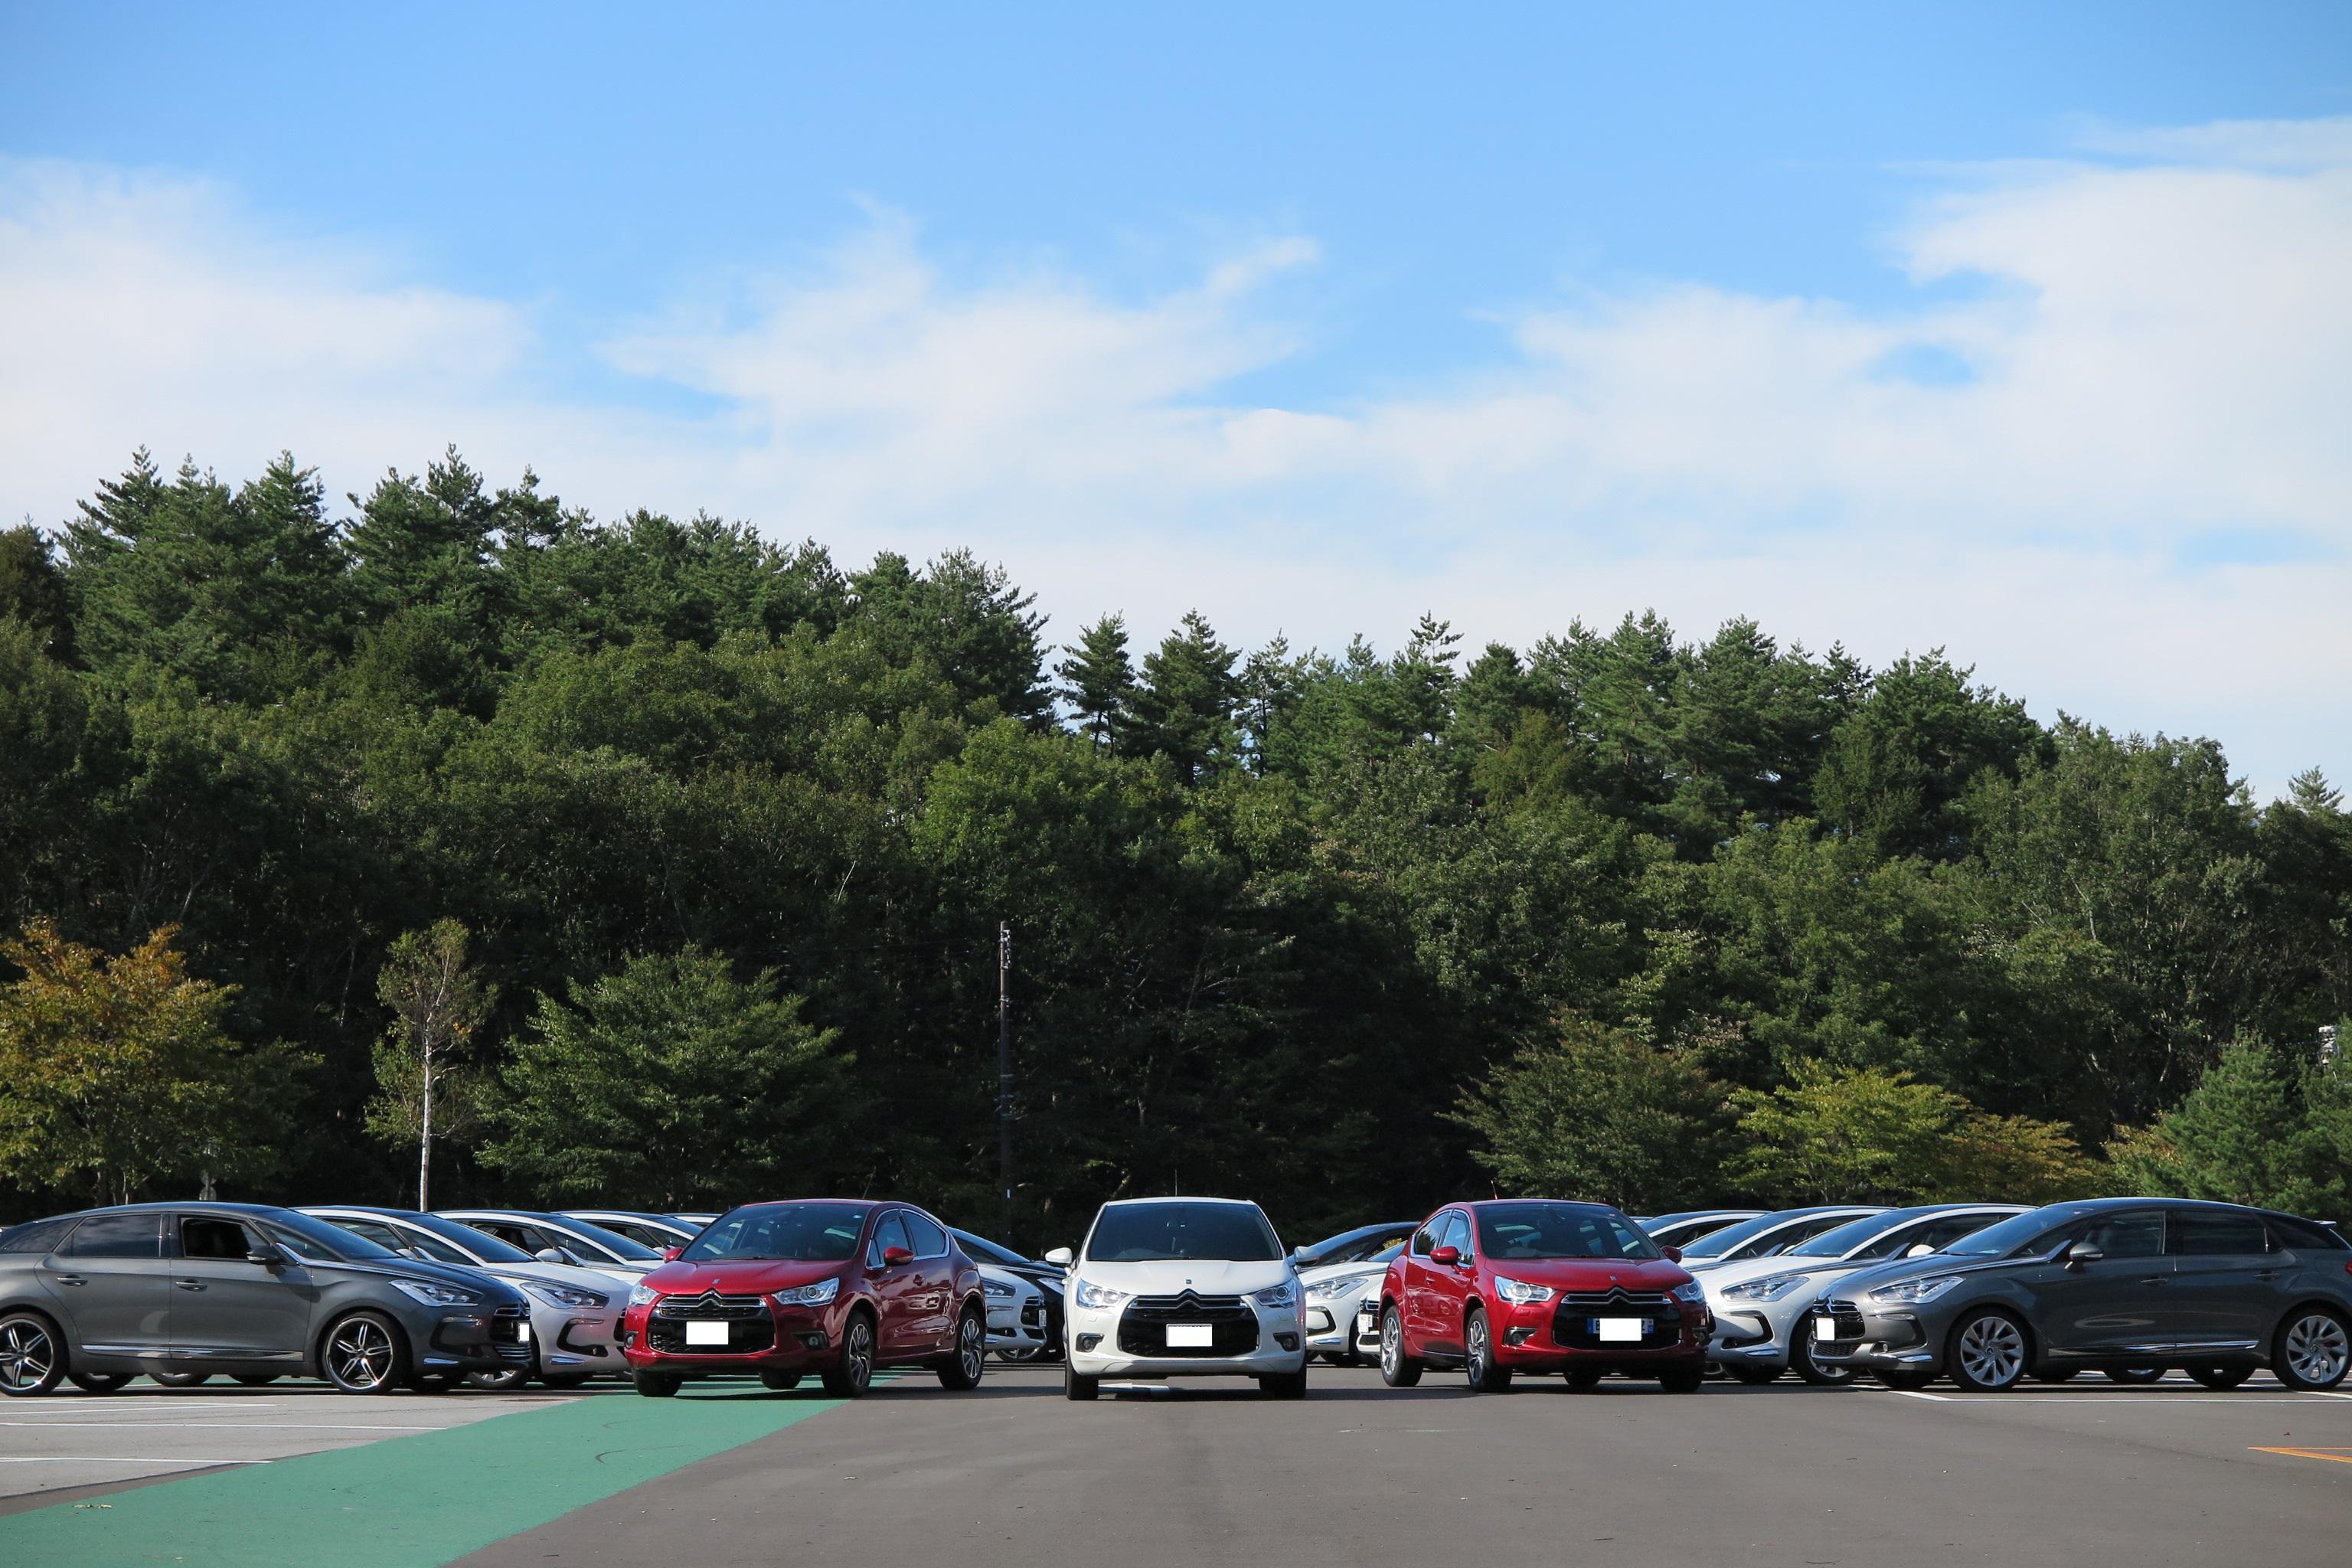 【輸入車ディーラーでのお仕事!場所:横浜市緑区】シトロエン、ジープ、クライスラー等様々な取扱車種があります